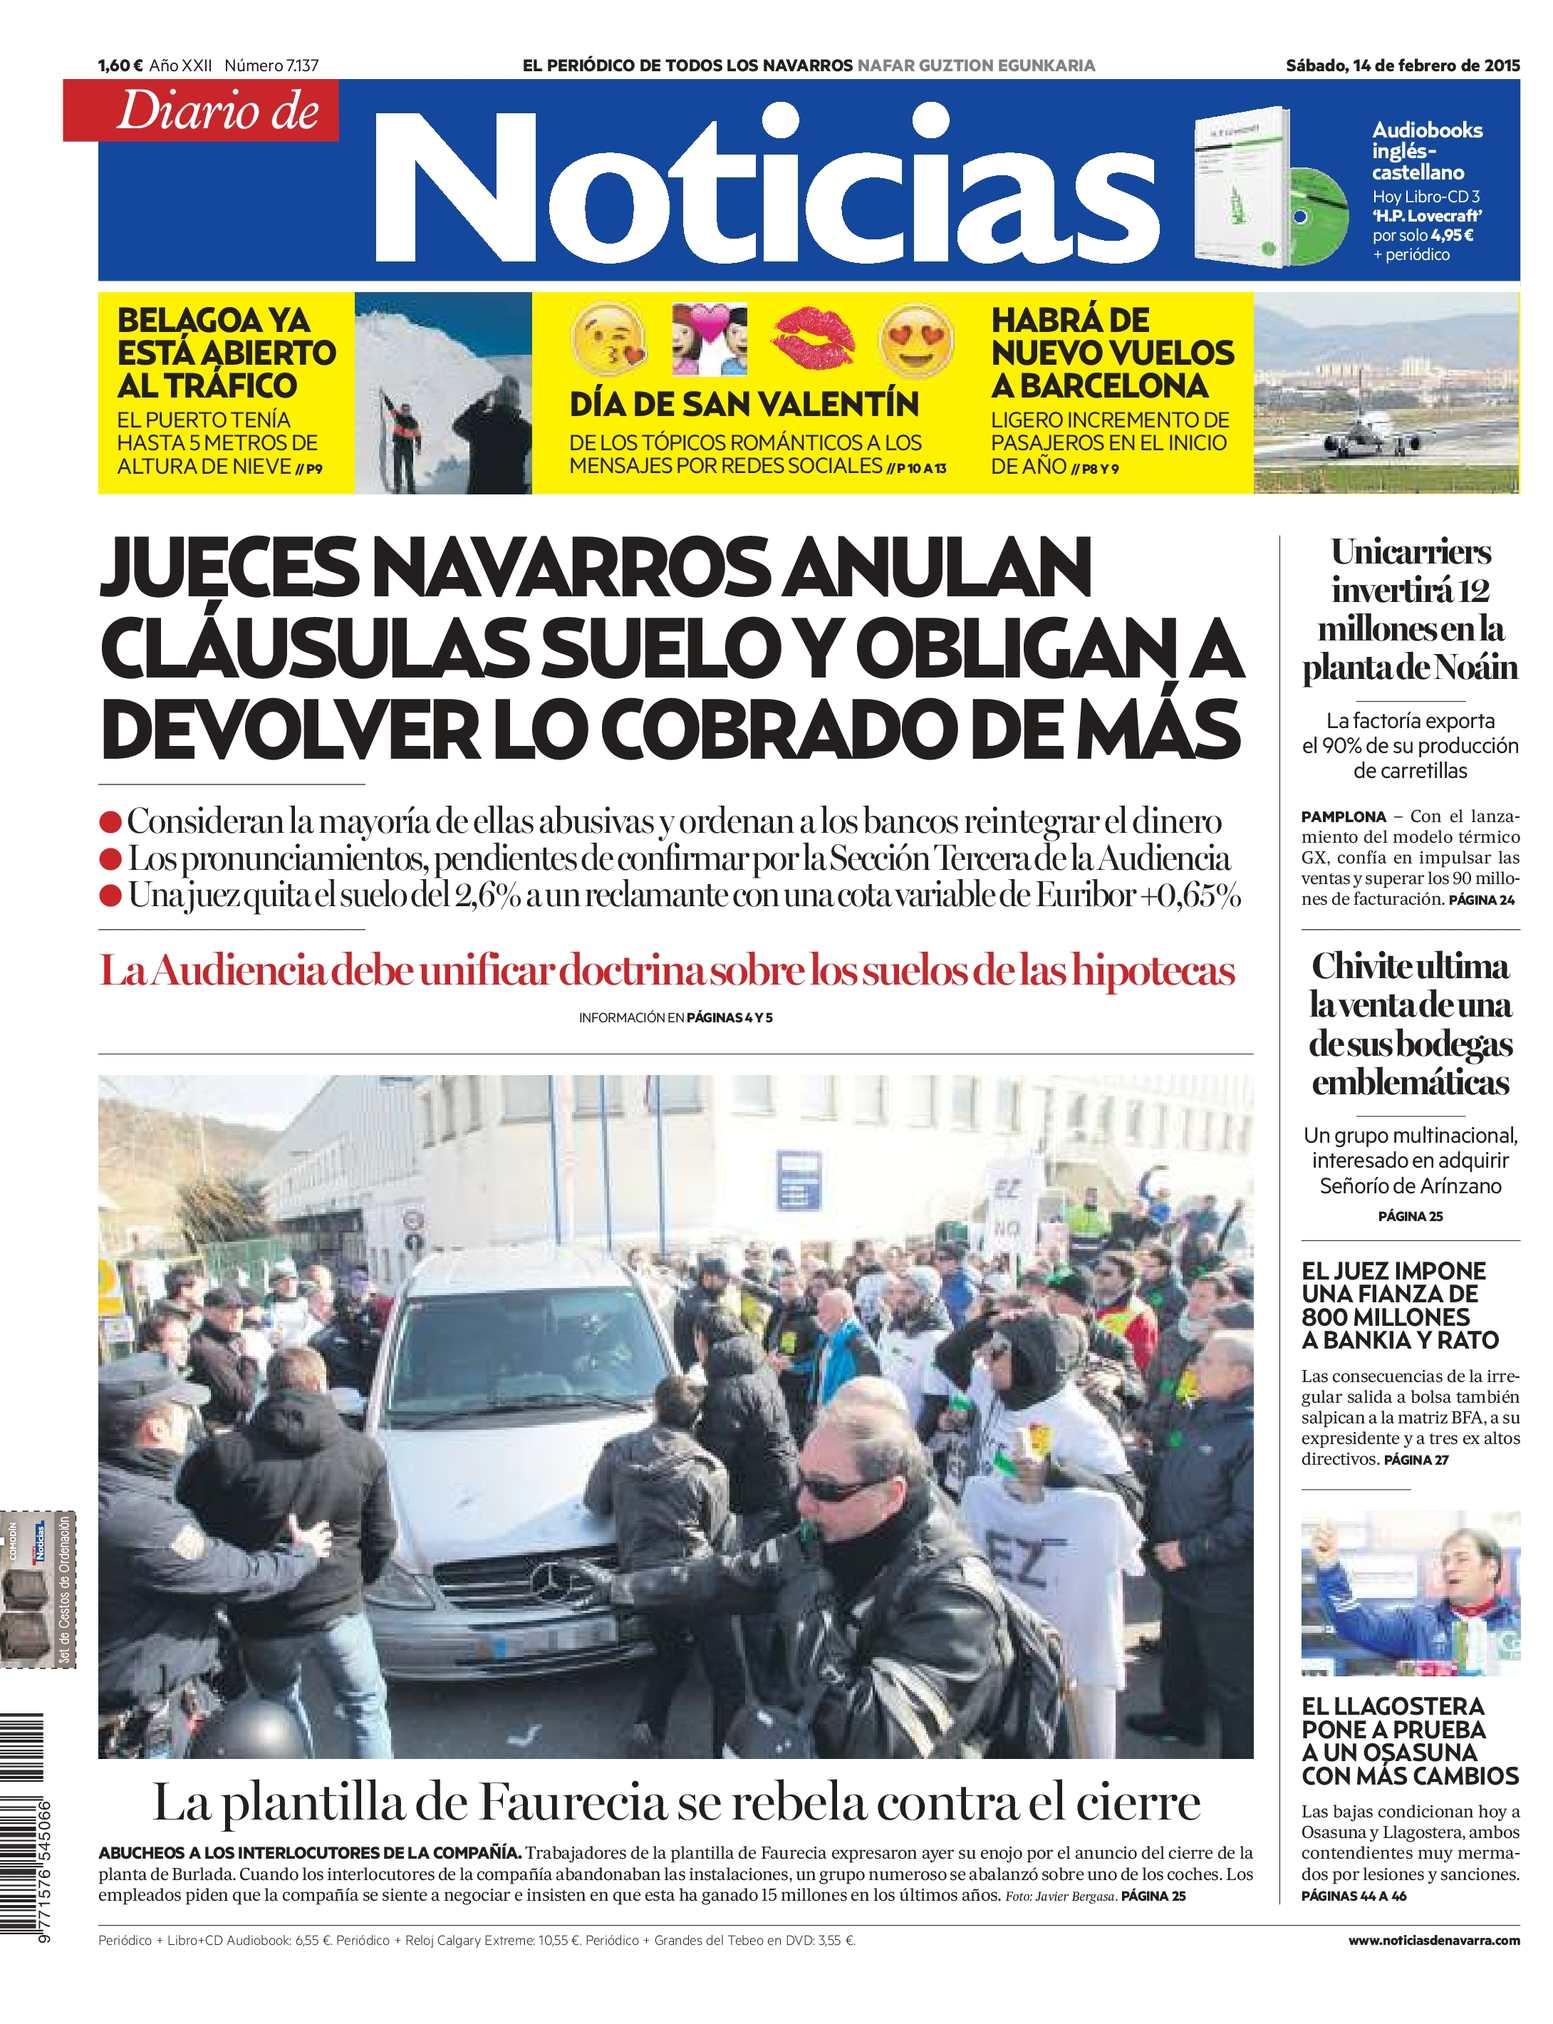 Calaméo - Diario de Noticias 20150214